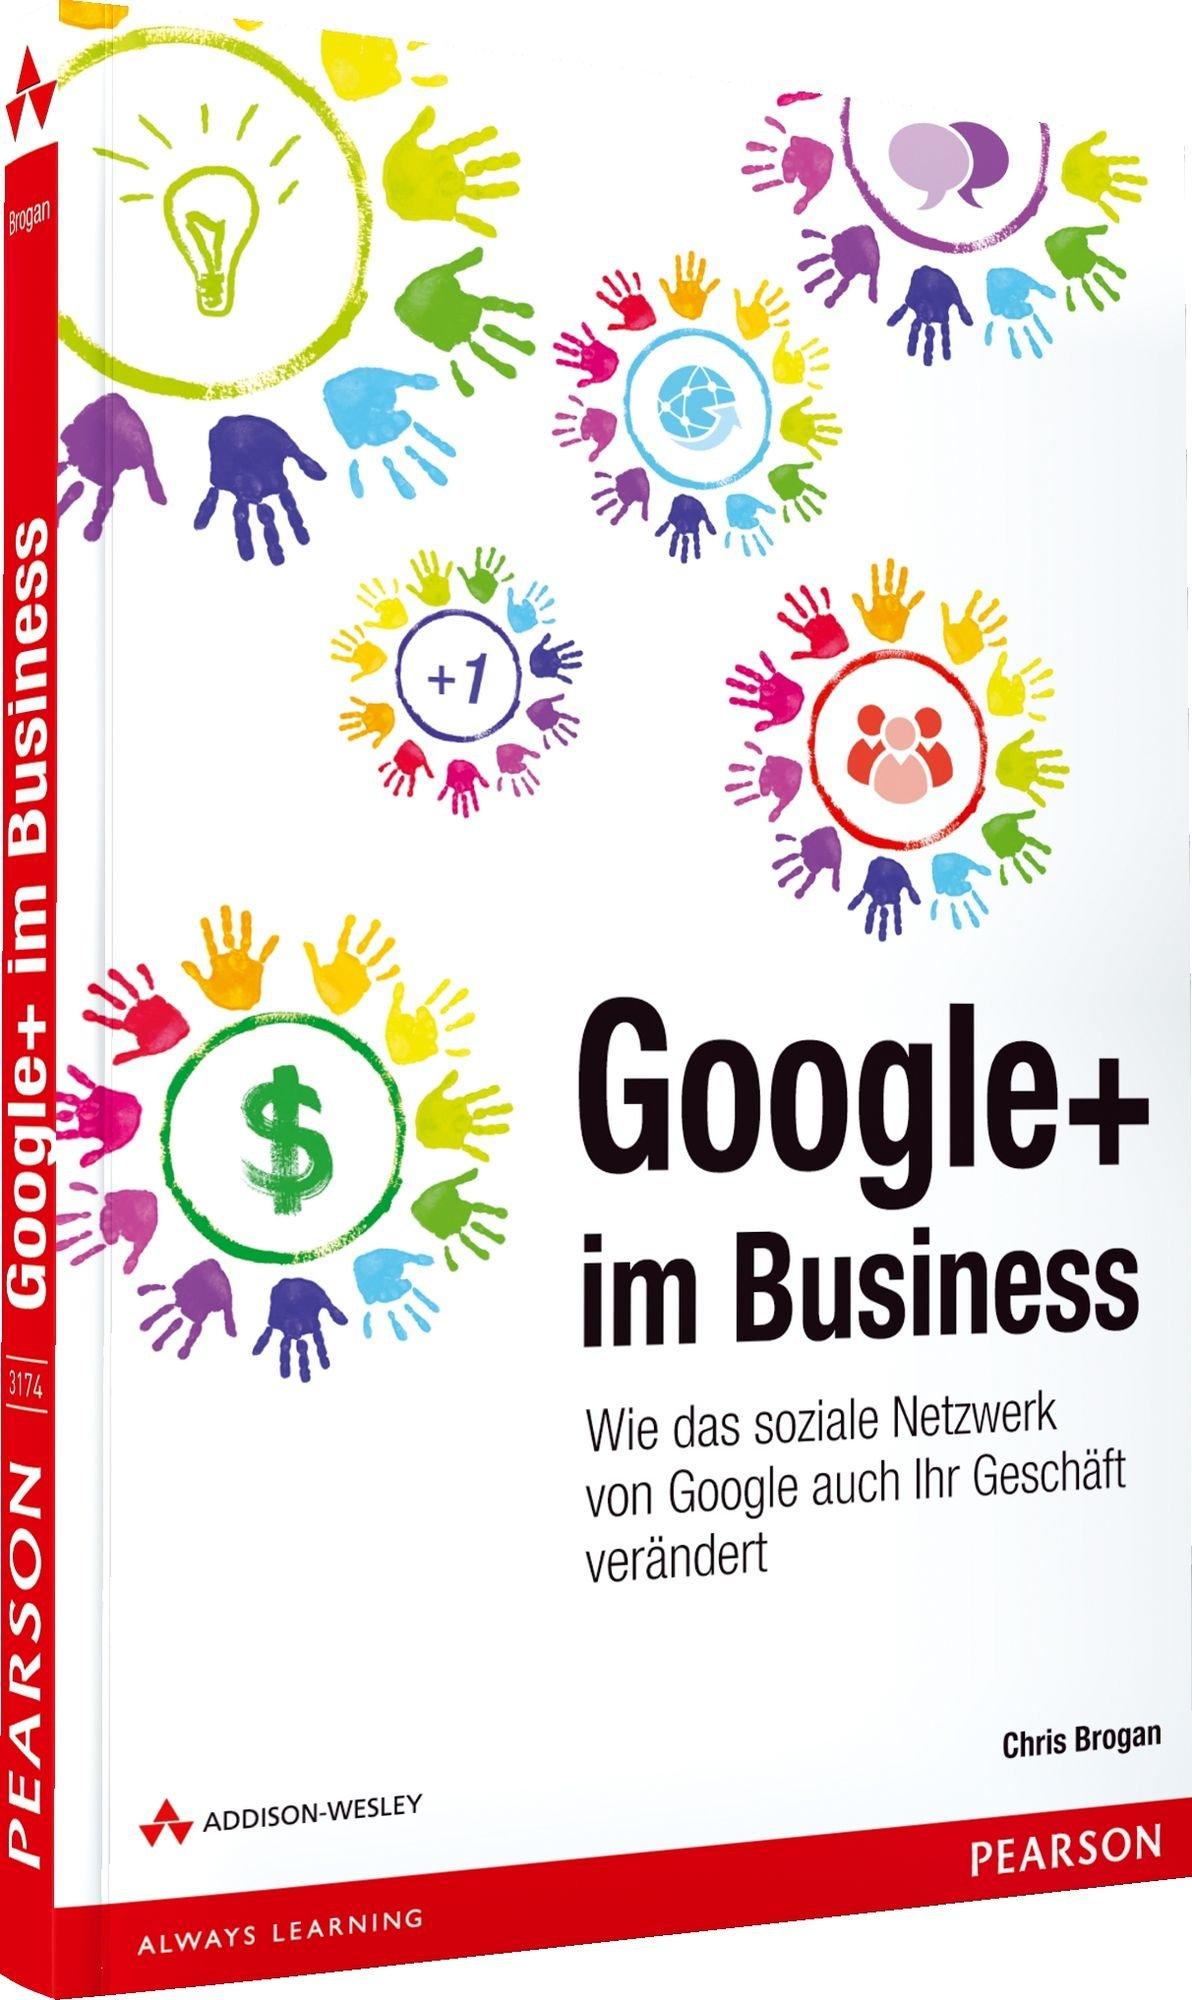 Google+ im Business: Wie das soziale Netzwerk von Google auch Ihr Geschäft verändert (Bizztec)